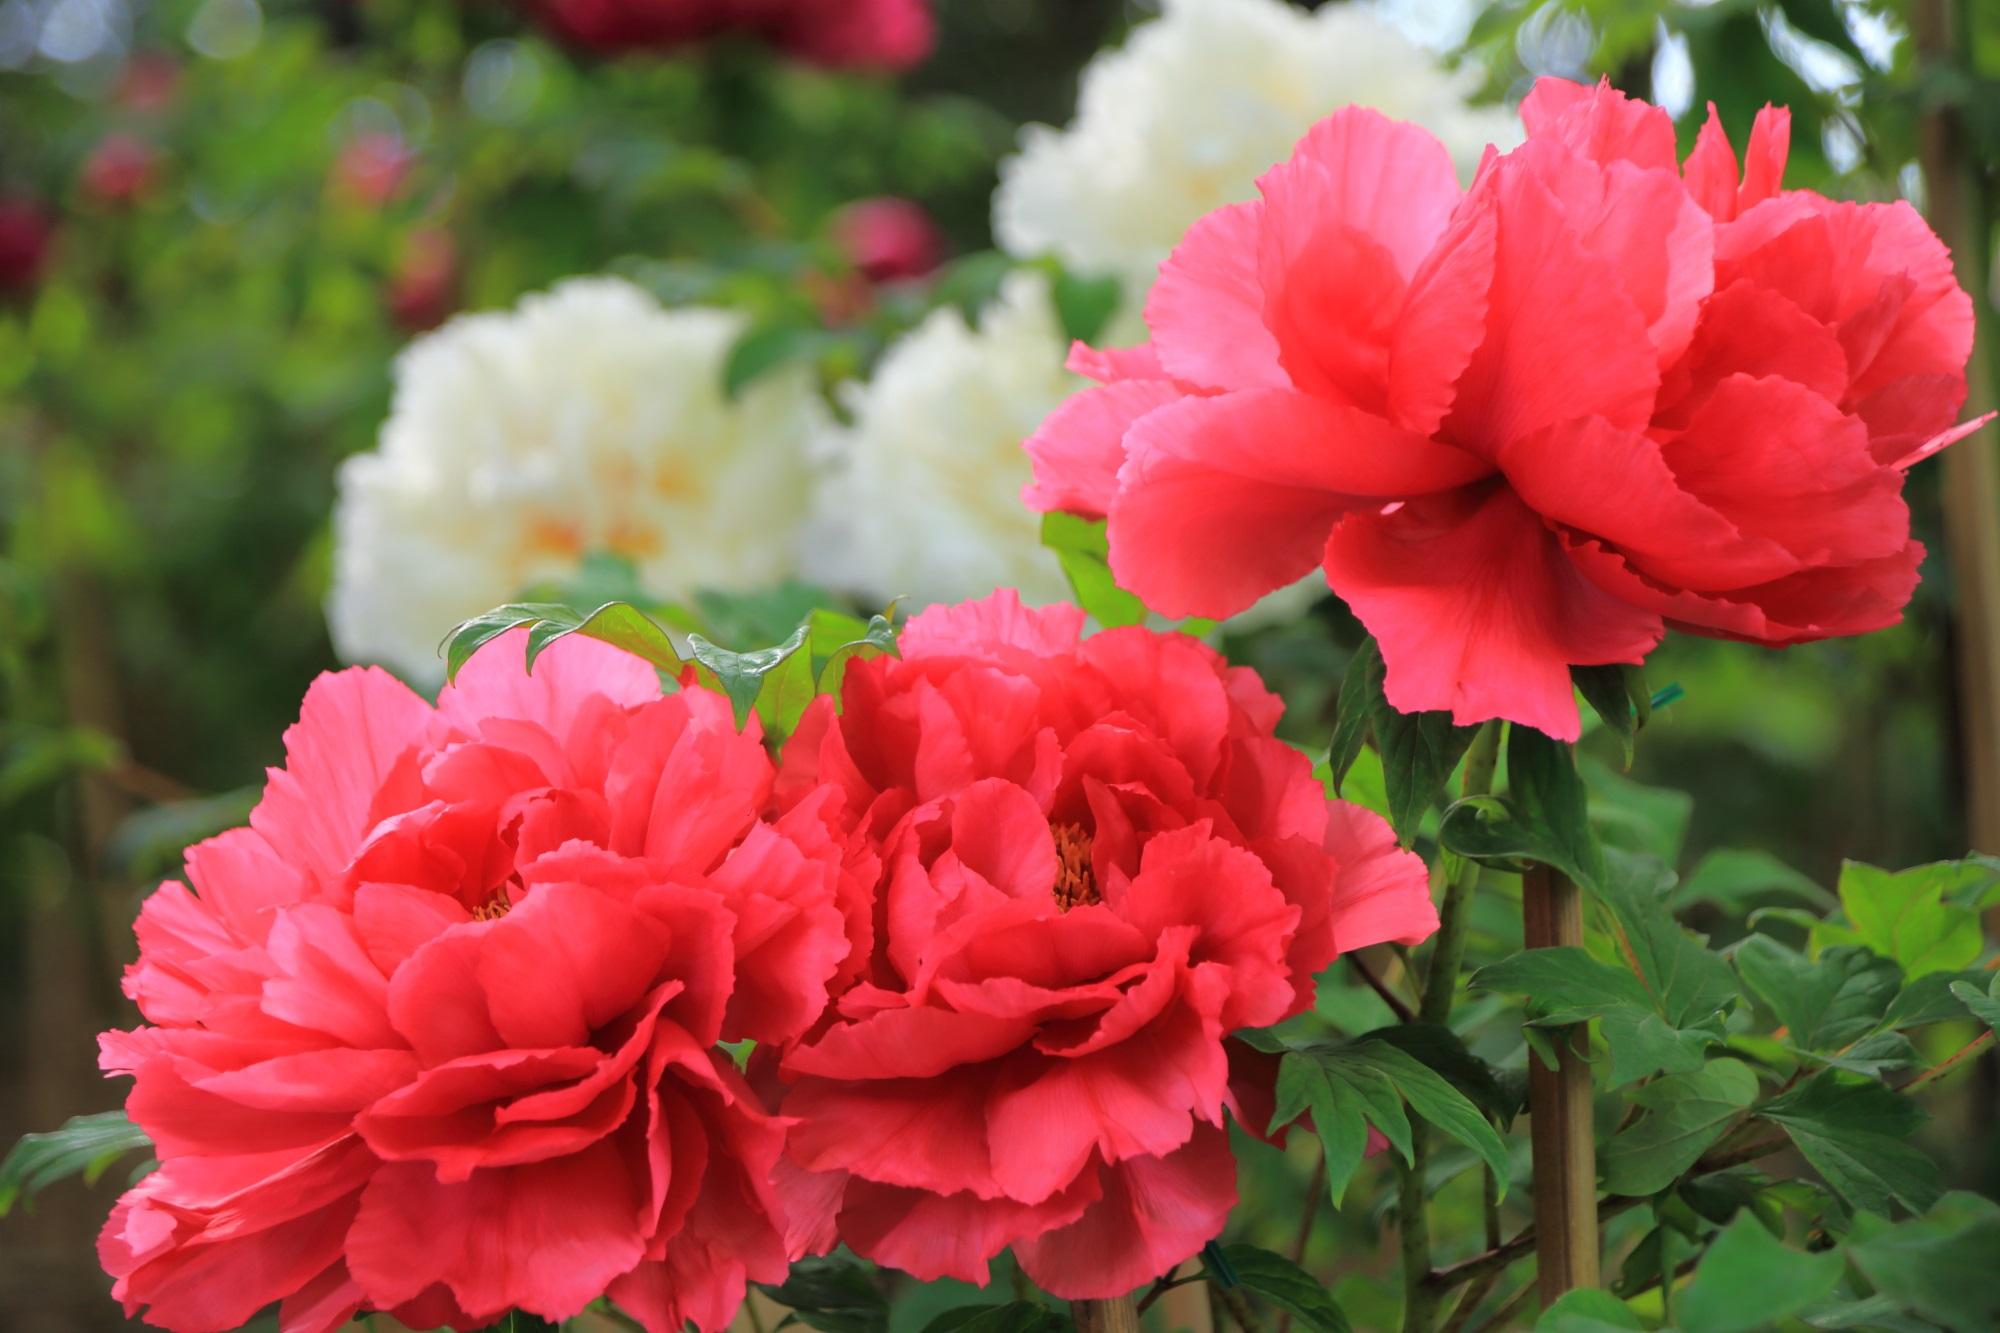 フワフワとして柔らかそうな牡丹の花